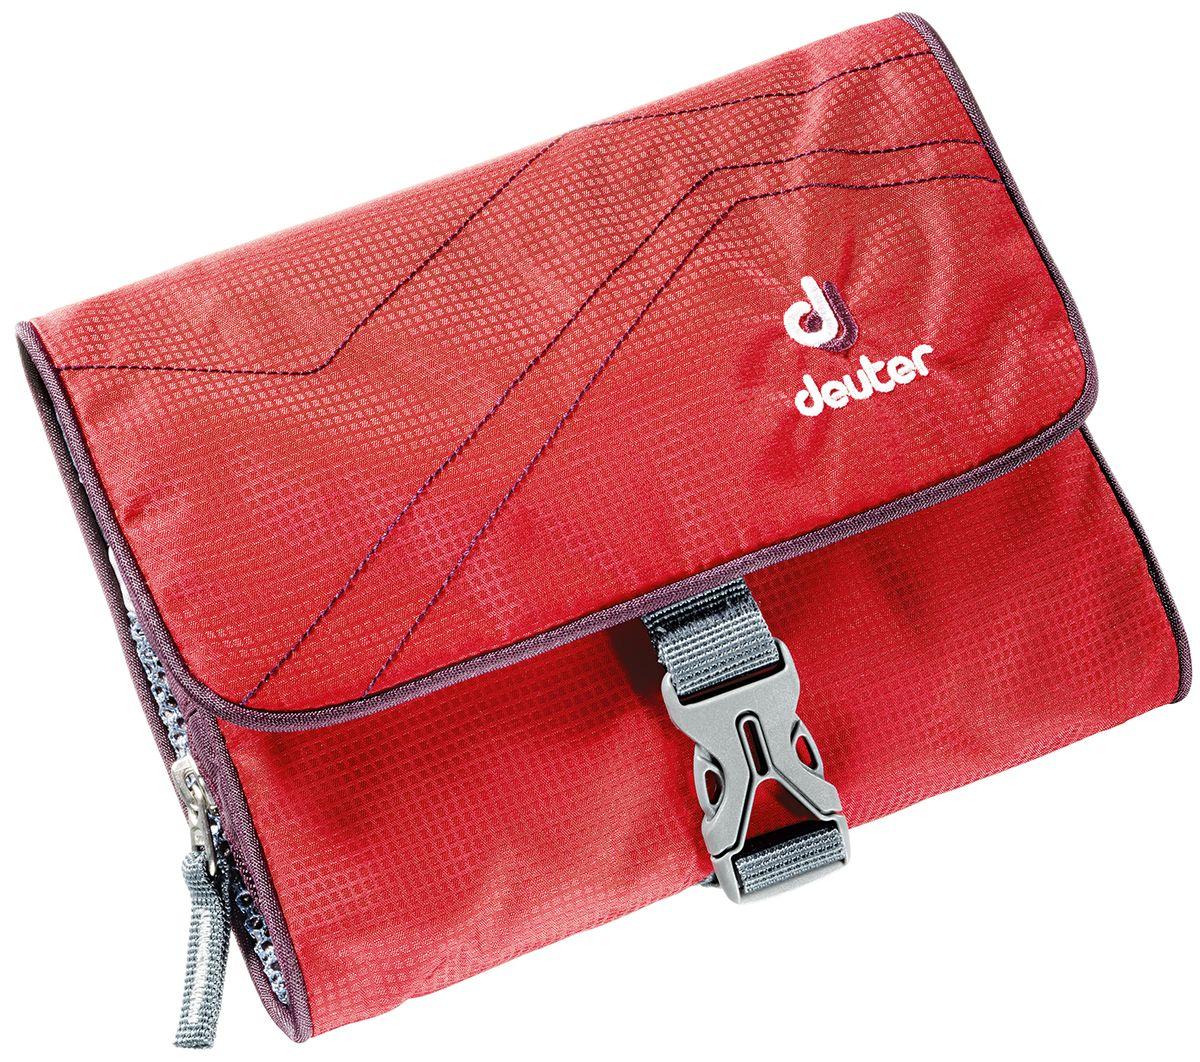 Косметичка Deuter Wash Bag I, цвет: красный, фиолетовый, 16 см x 19 см x 3 см